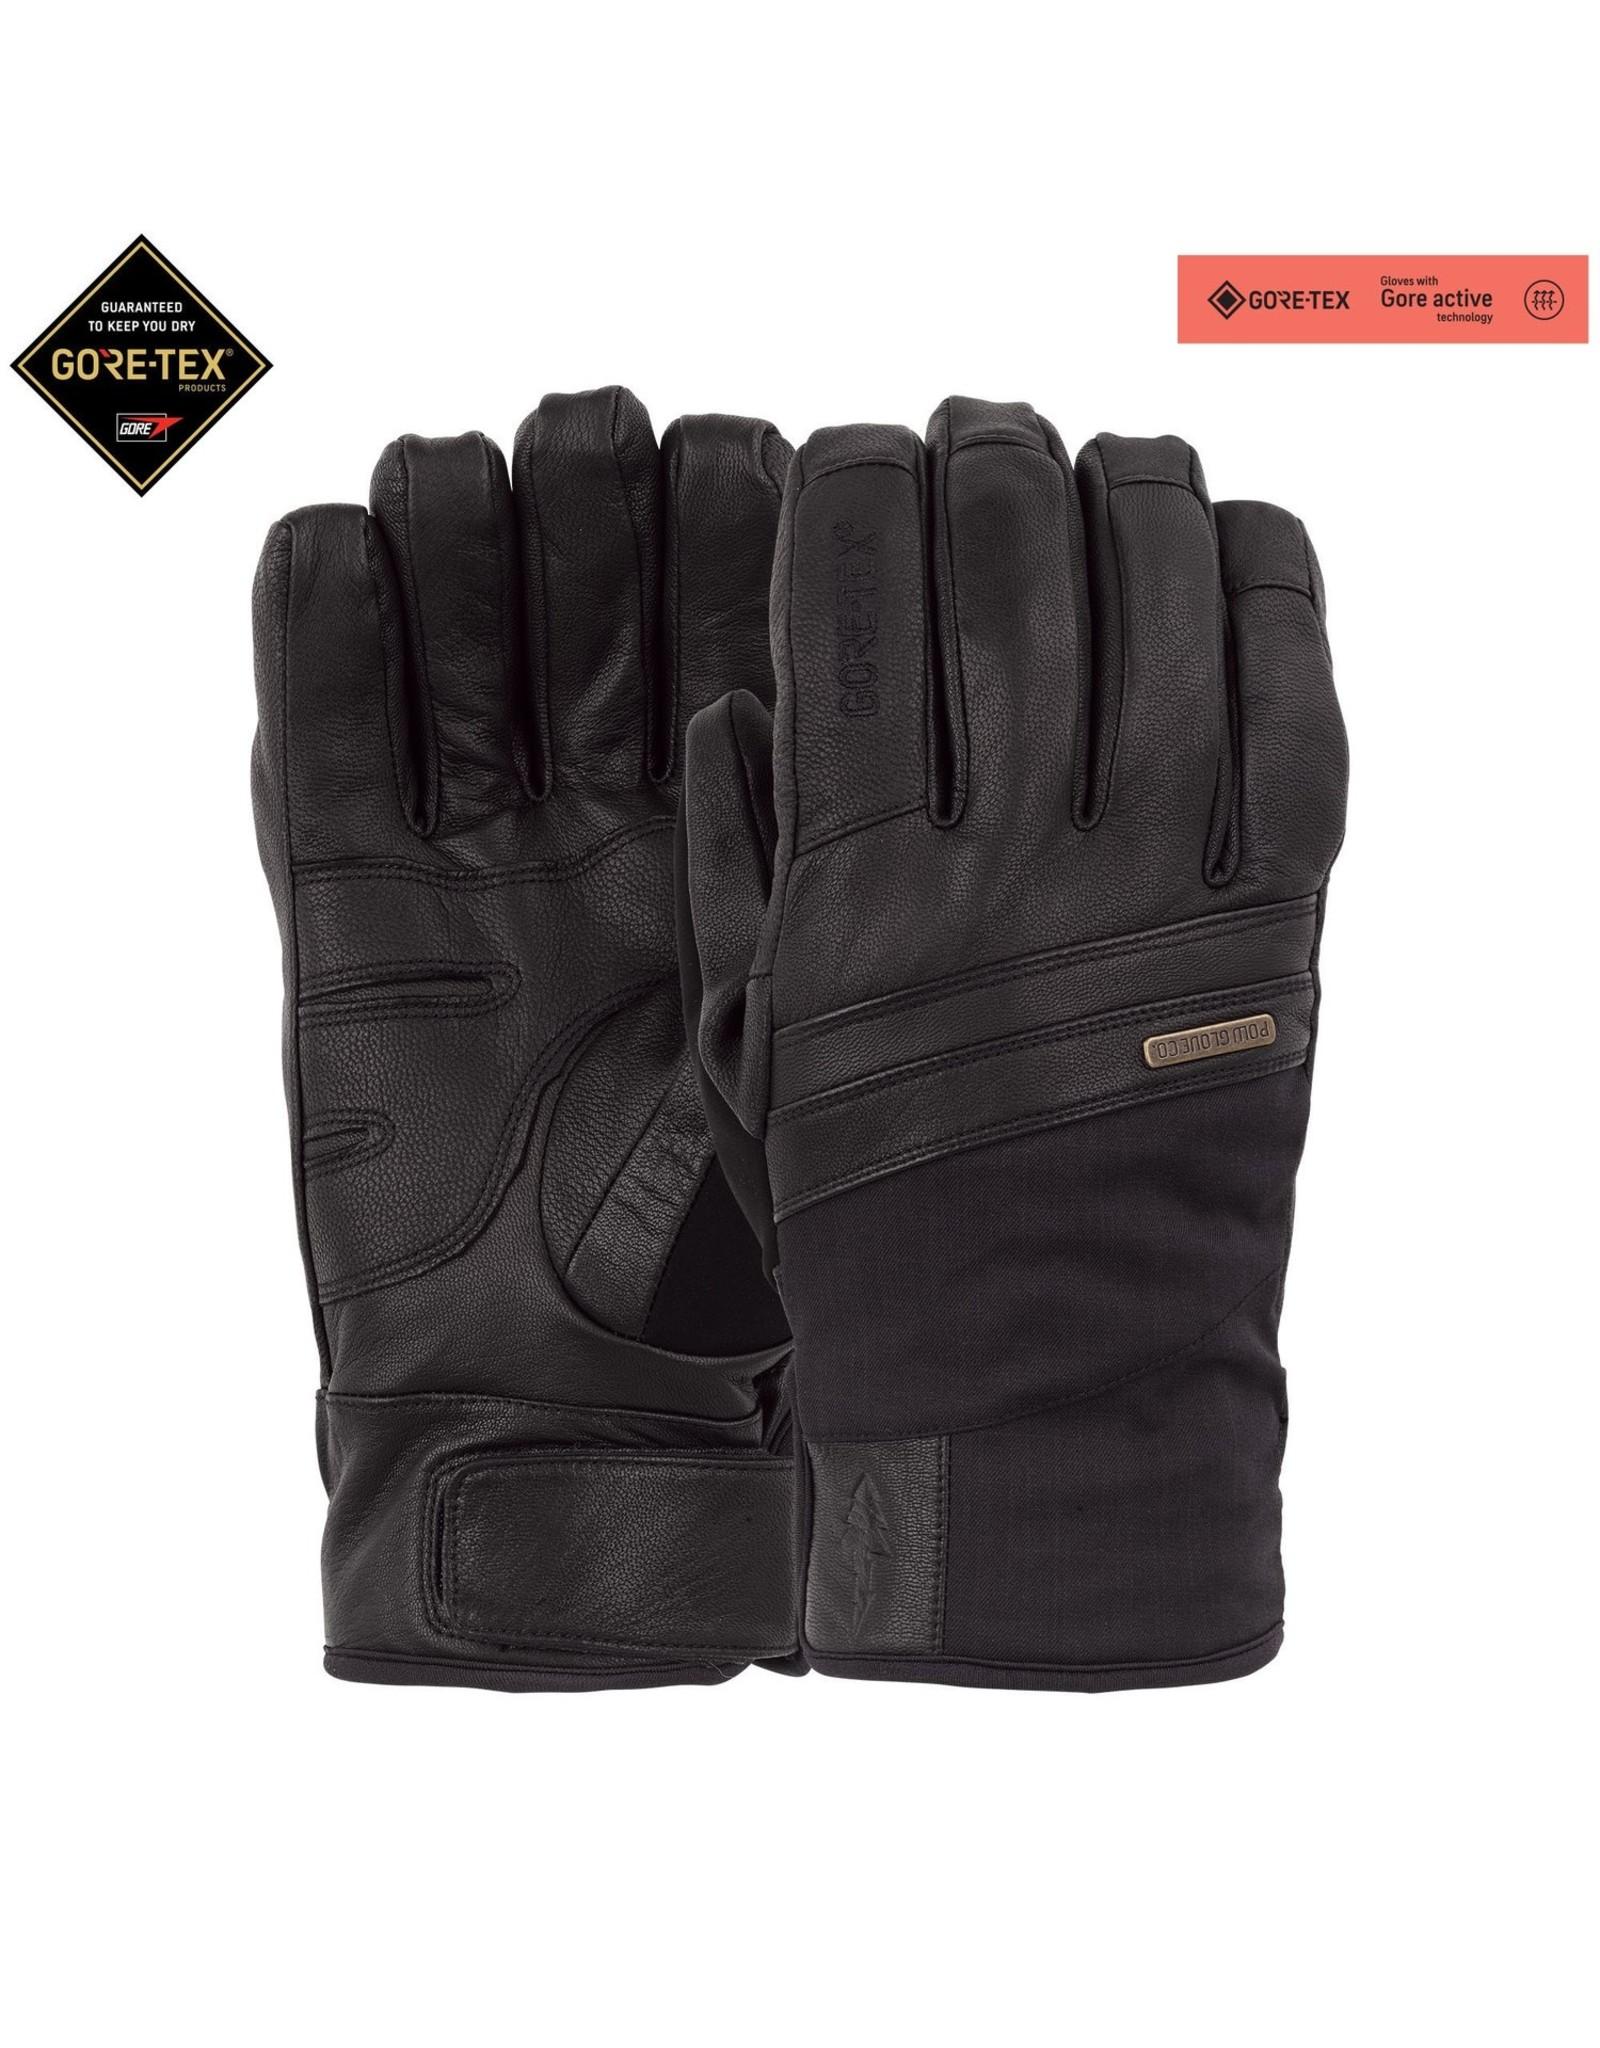 POW Royal Gore-Tex Glove Black